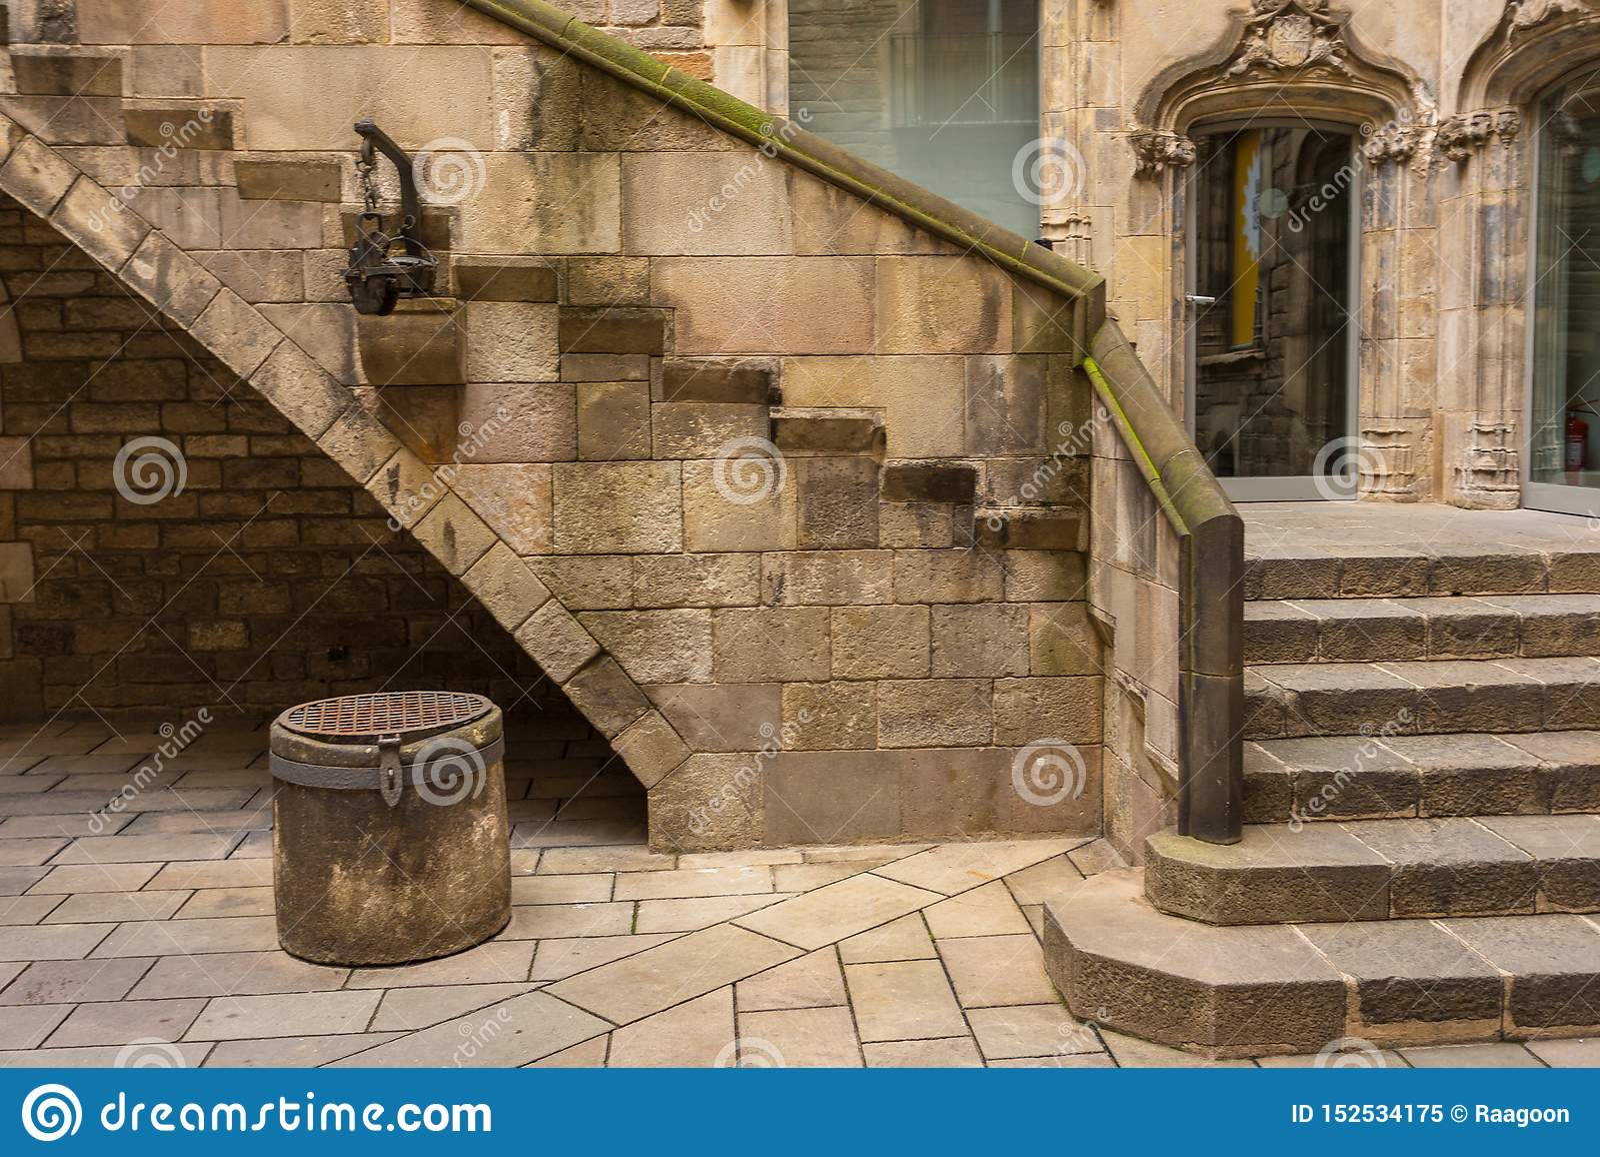 Σκαλοπάτια και ένας παλαιός καλά στο προαύλιο του μουσείου ιστορίας πόλεων της Βαρκελώνης, Βαρκελώνη, Ισπανία